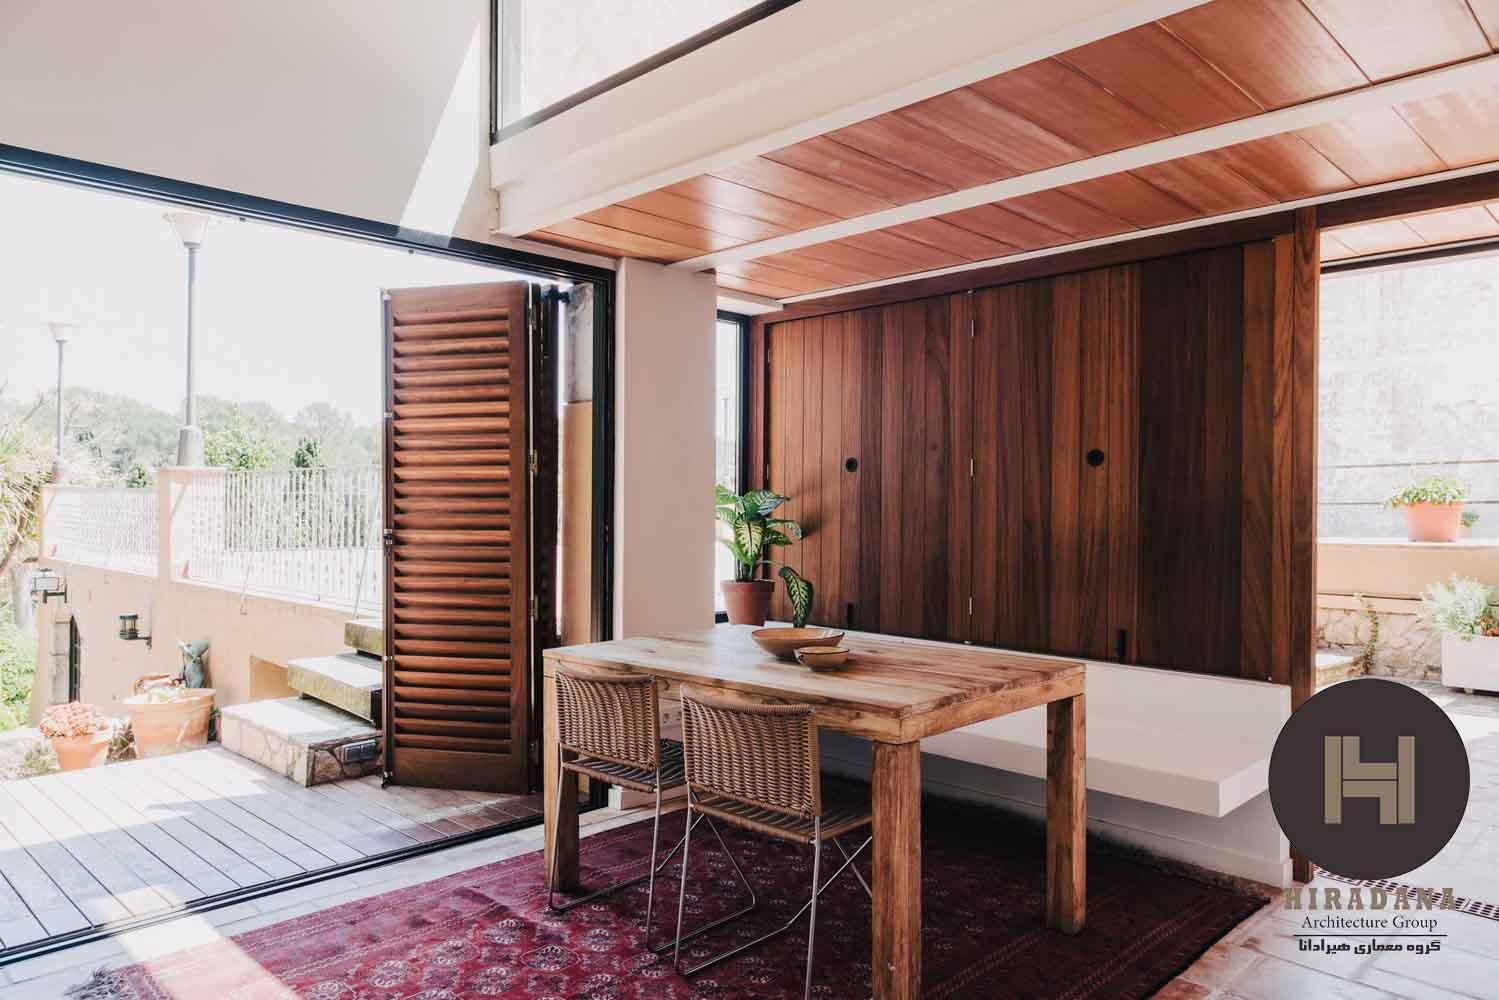 بازسازی ساختمان و خانه های تابستانی